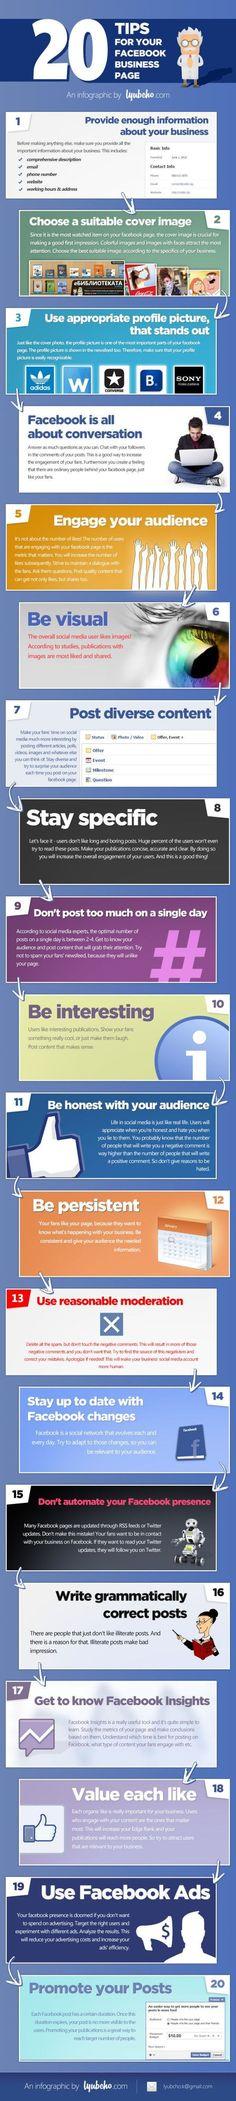 Una interesante infografía que nos ofrece 20 sencillos trucos o tips para aprender a sacar un mayor provecho a nuestra página de Facebook.